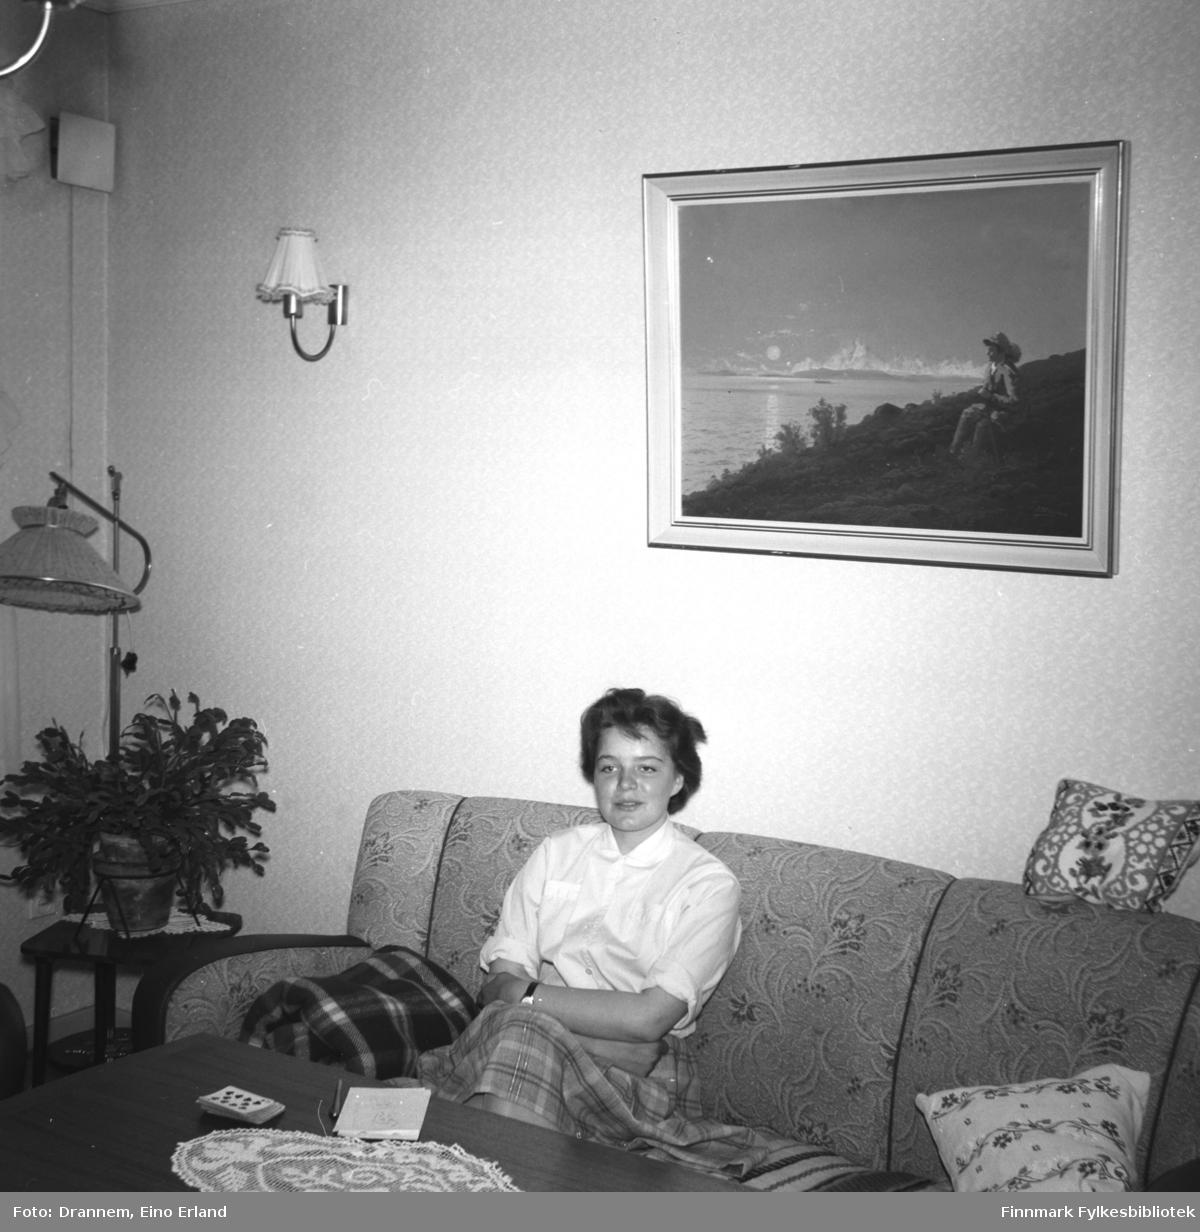 Maija, etternavn ukjent, fotografert i stua hos familien Drannem i Hammerfest.